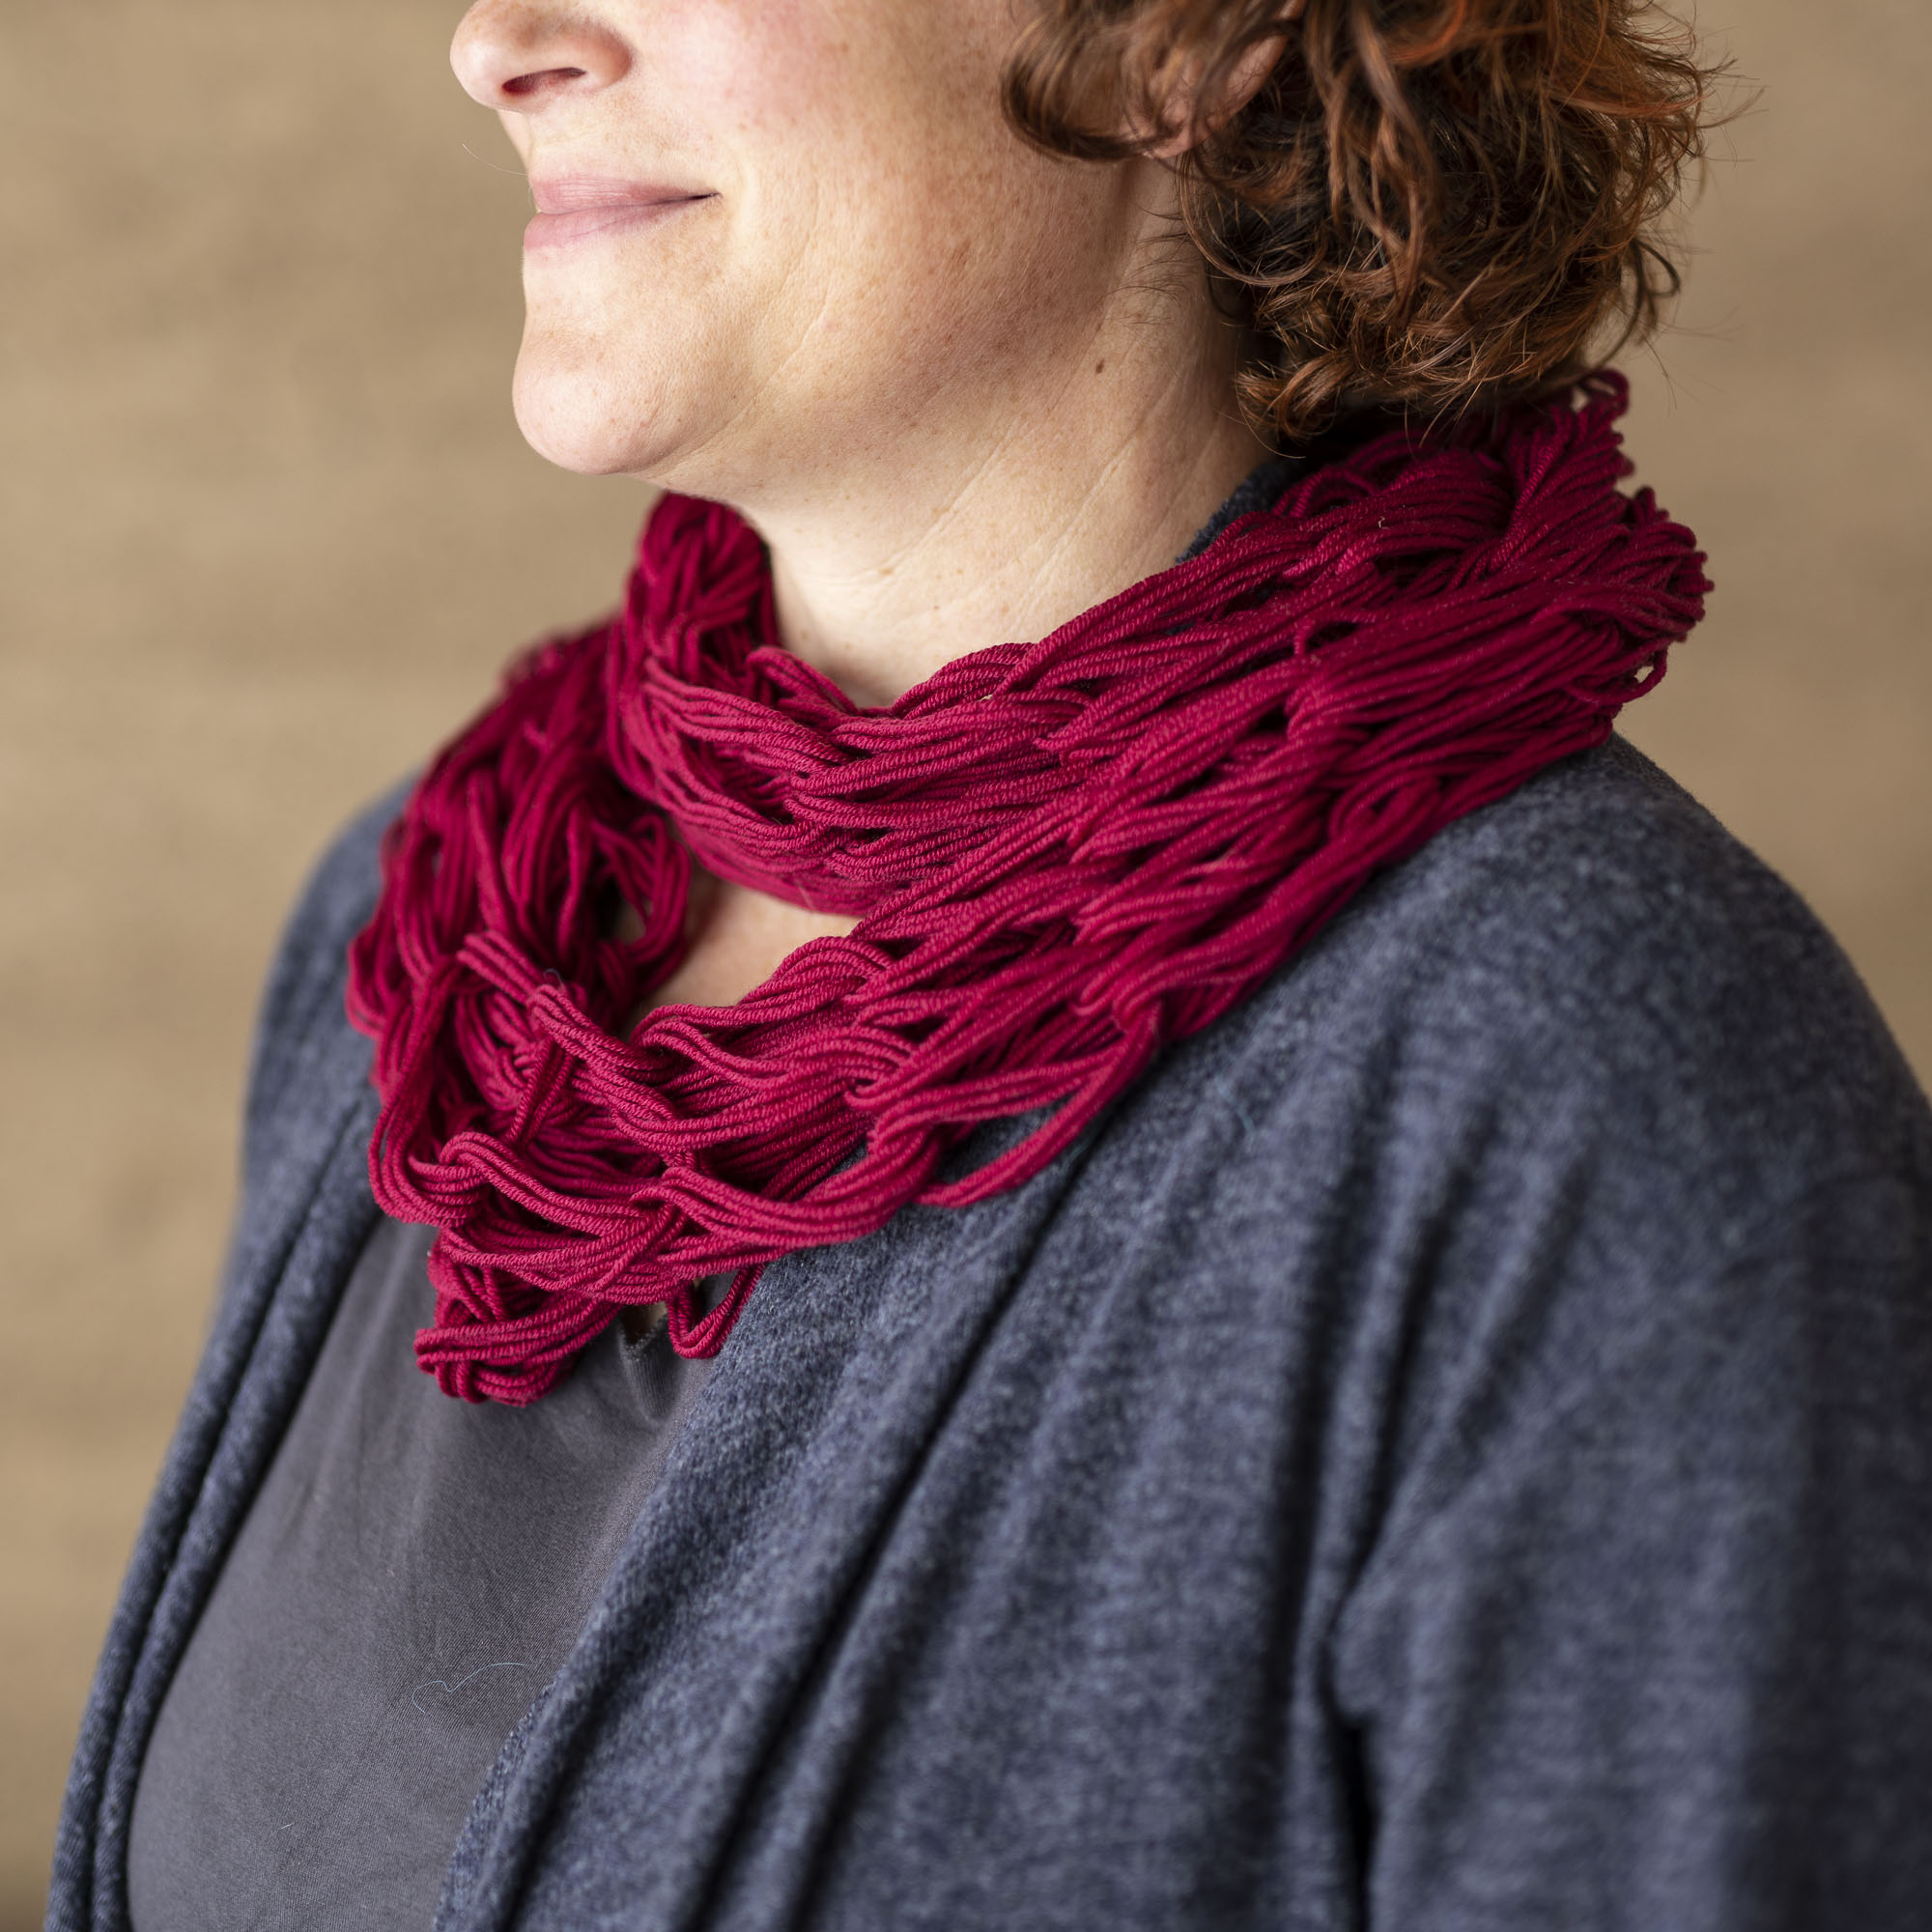 yarn-0022.jpg